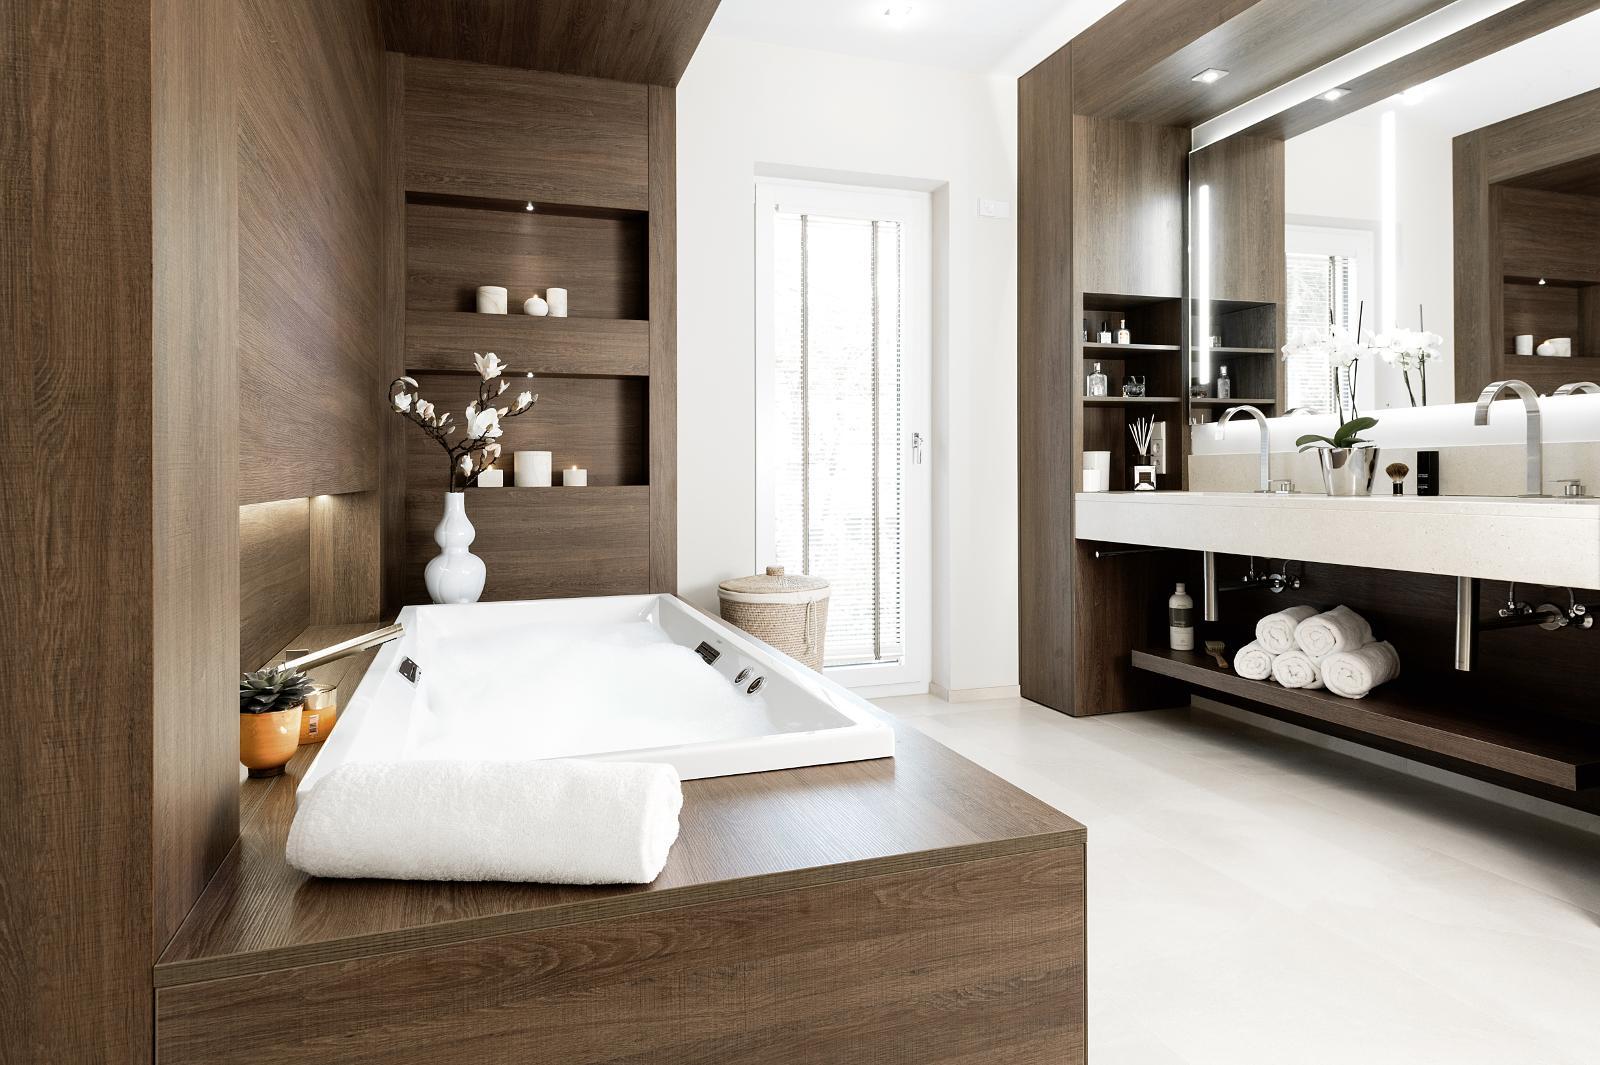 Holz im Badezimmer   Klein   Gelsenkirchen